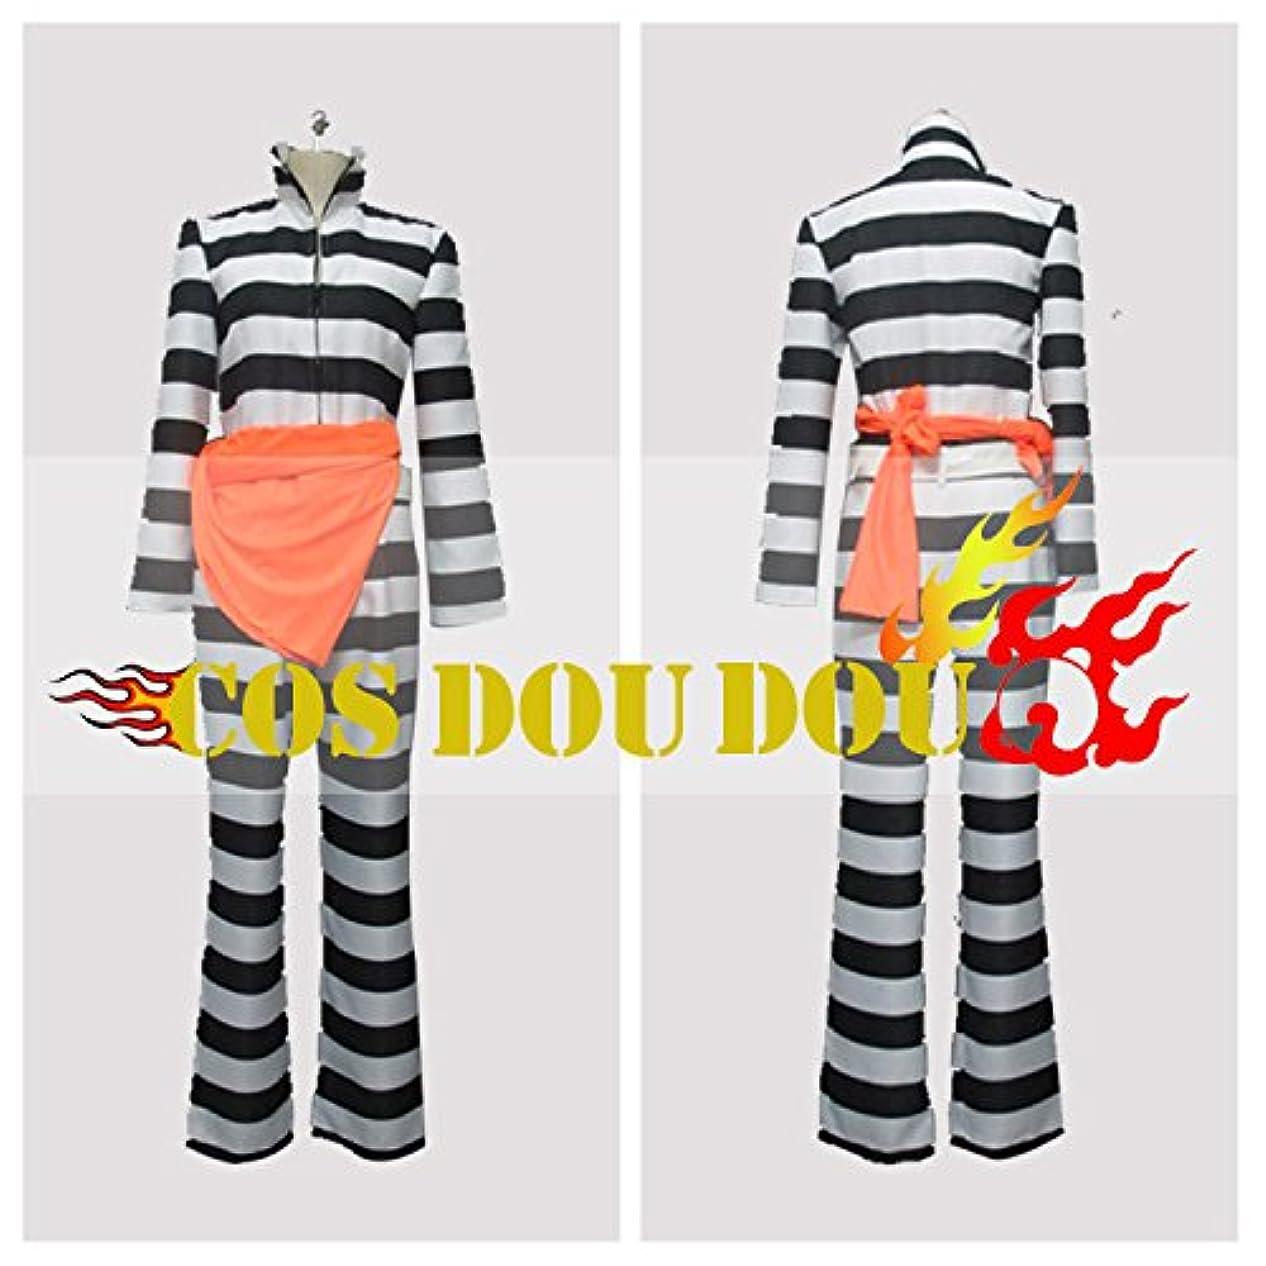 確立トレイ取得ラッキードッグ Lucky Dog1 ジャンカルロLuchino Jail Suit 囚人服 コスプレ衣装 コスチューム ハロウィン クリスマス COSPLAY (男性S)